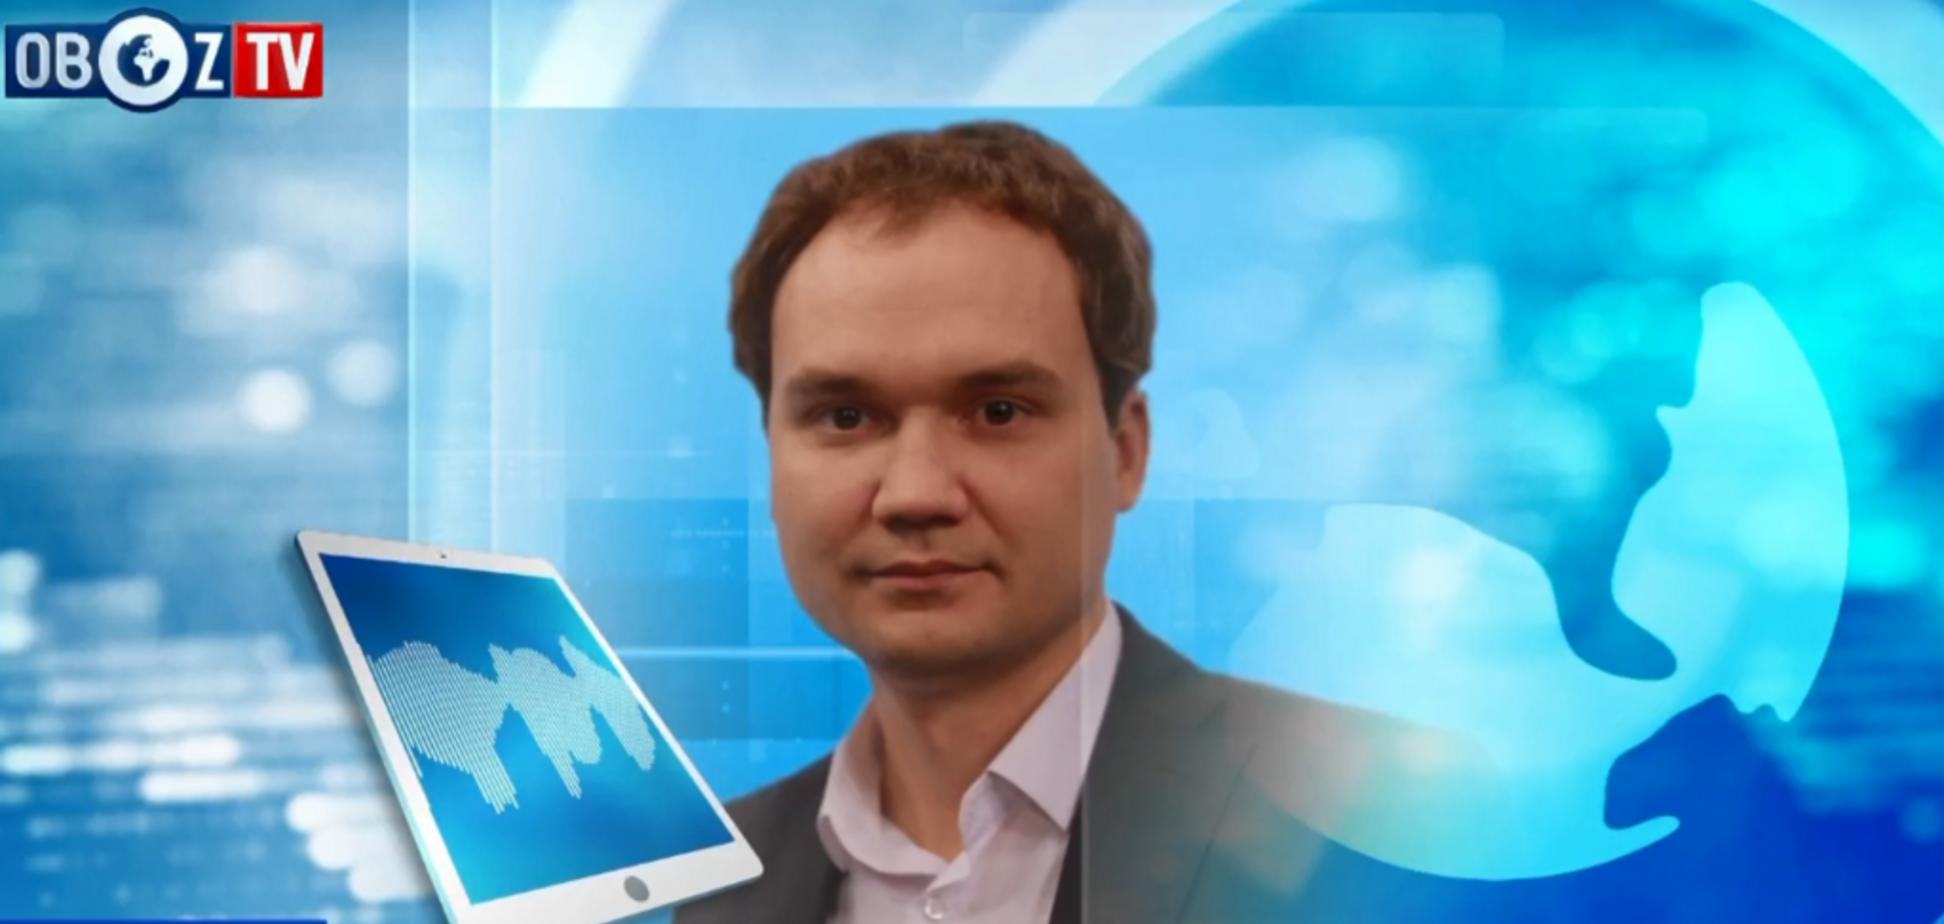 Військовий експерт оцінив відео про захоплення Буковини